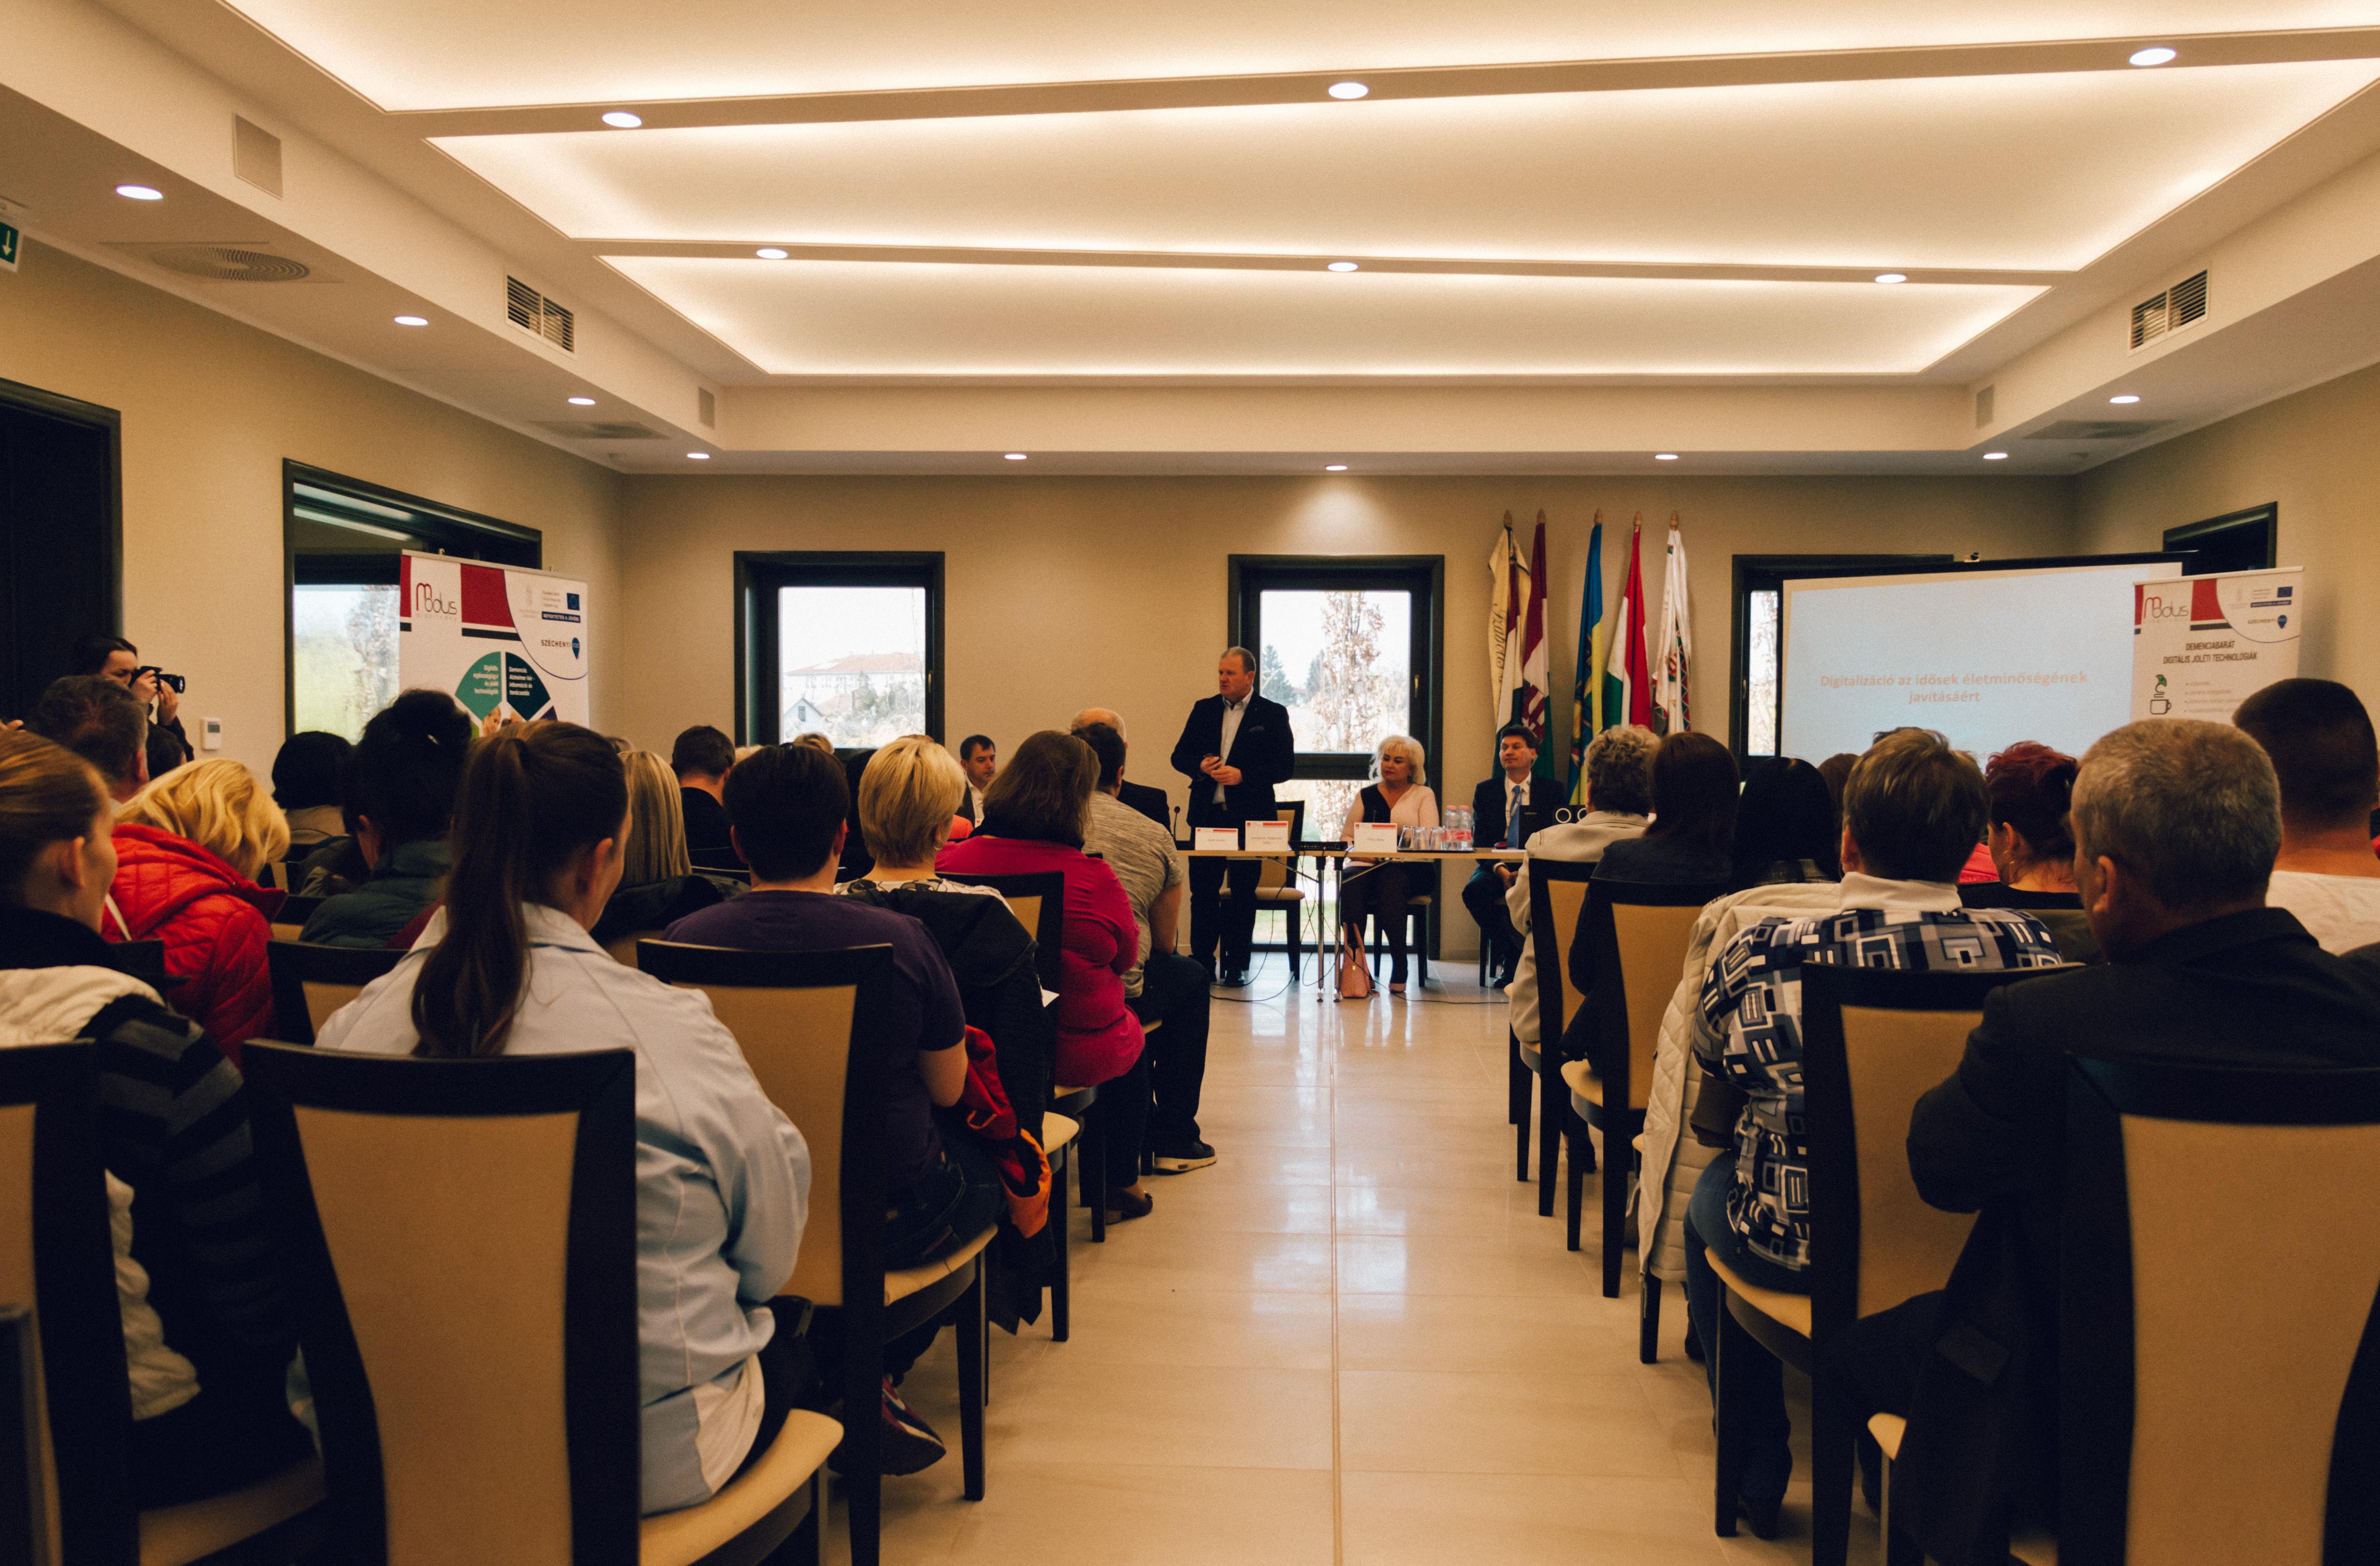 Idősödő társadalom, idősödő településeink_konferencia galléria (11)